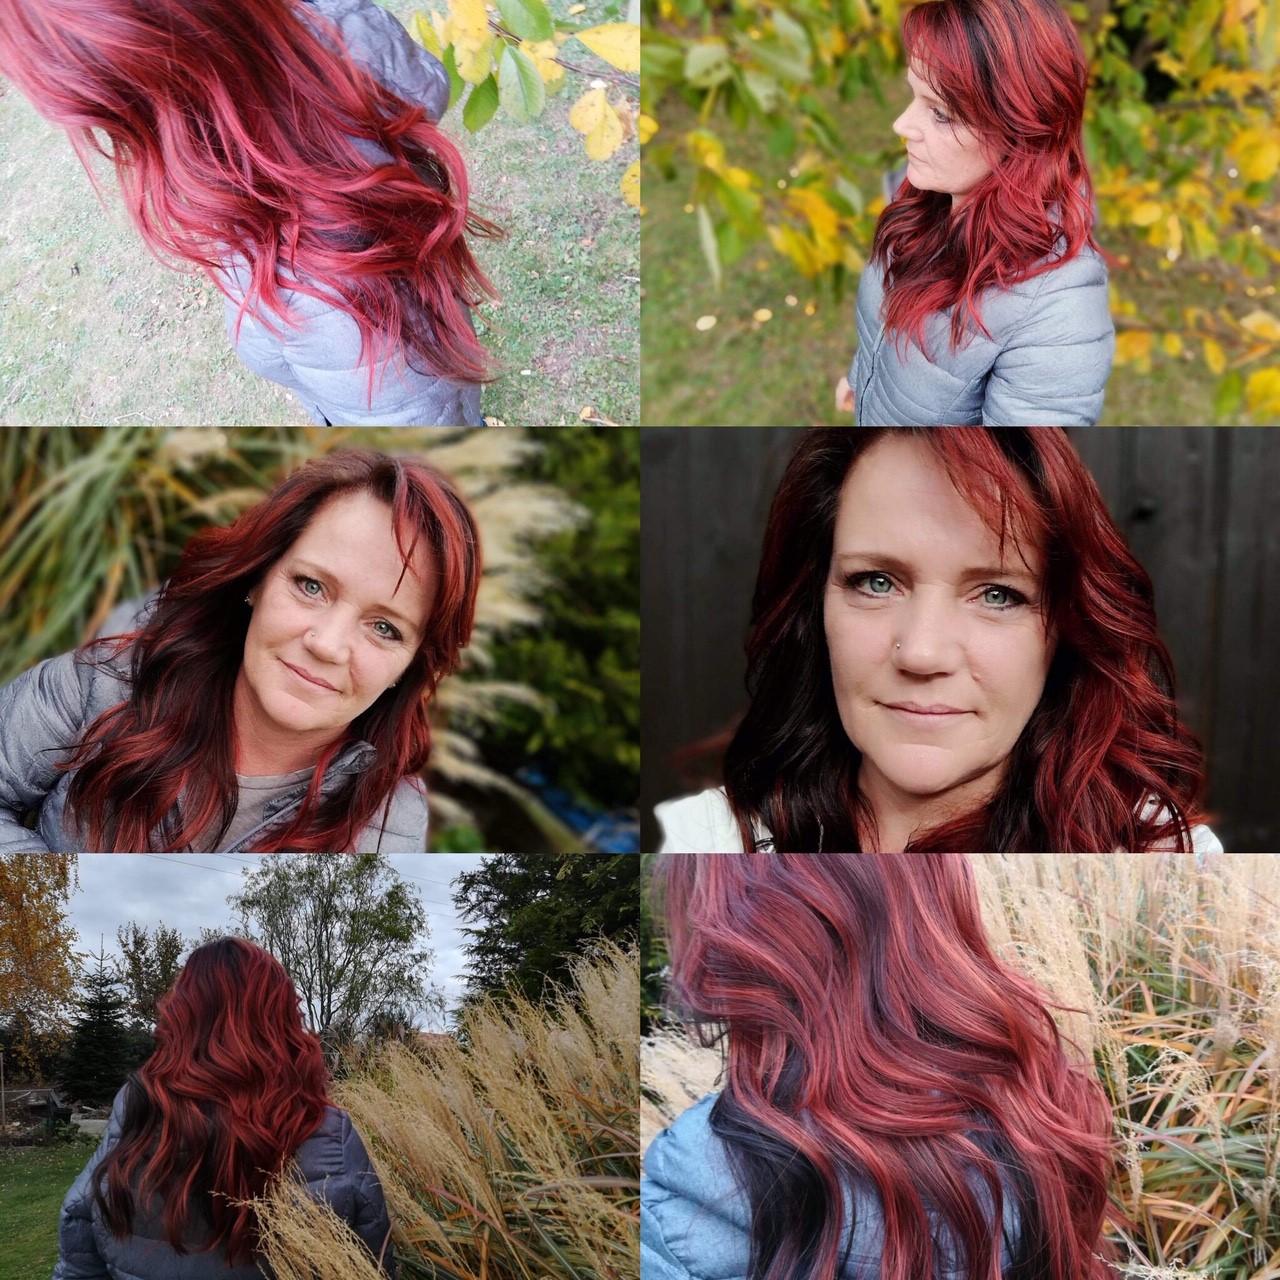 Frau mit schwarz-roten Haaren und Beachwaves.